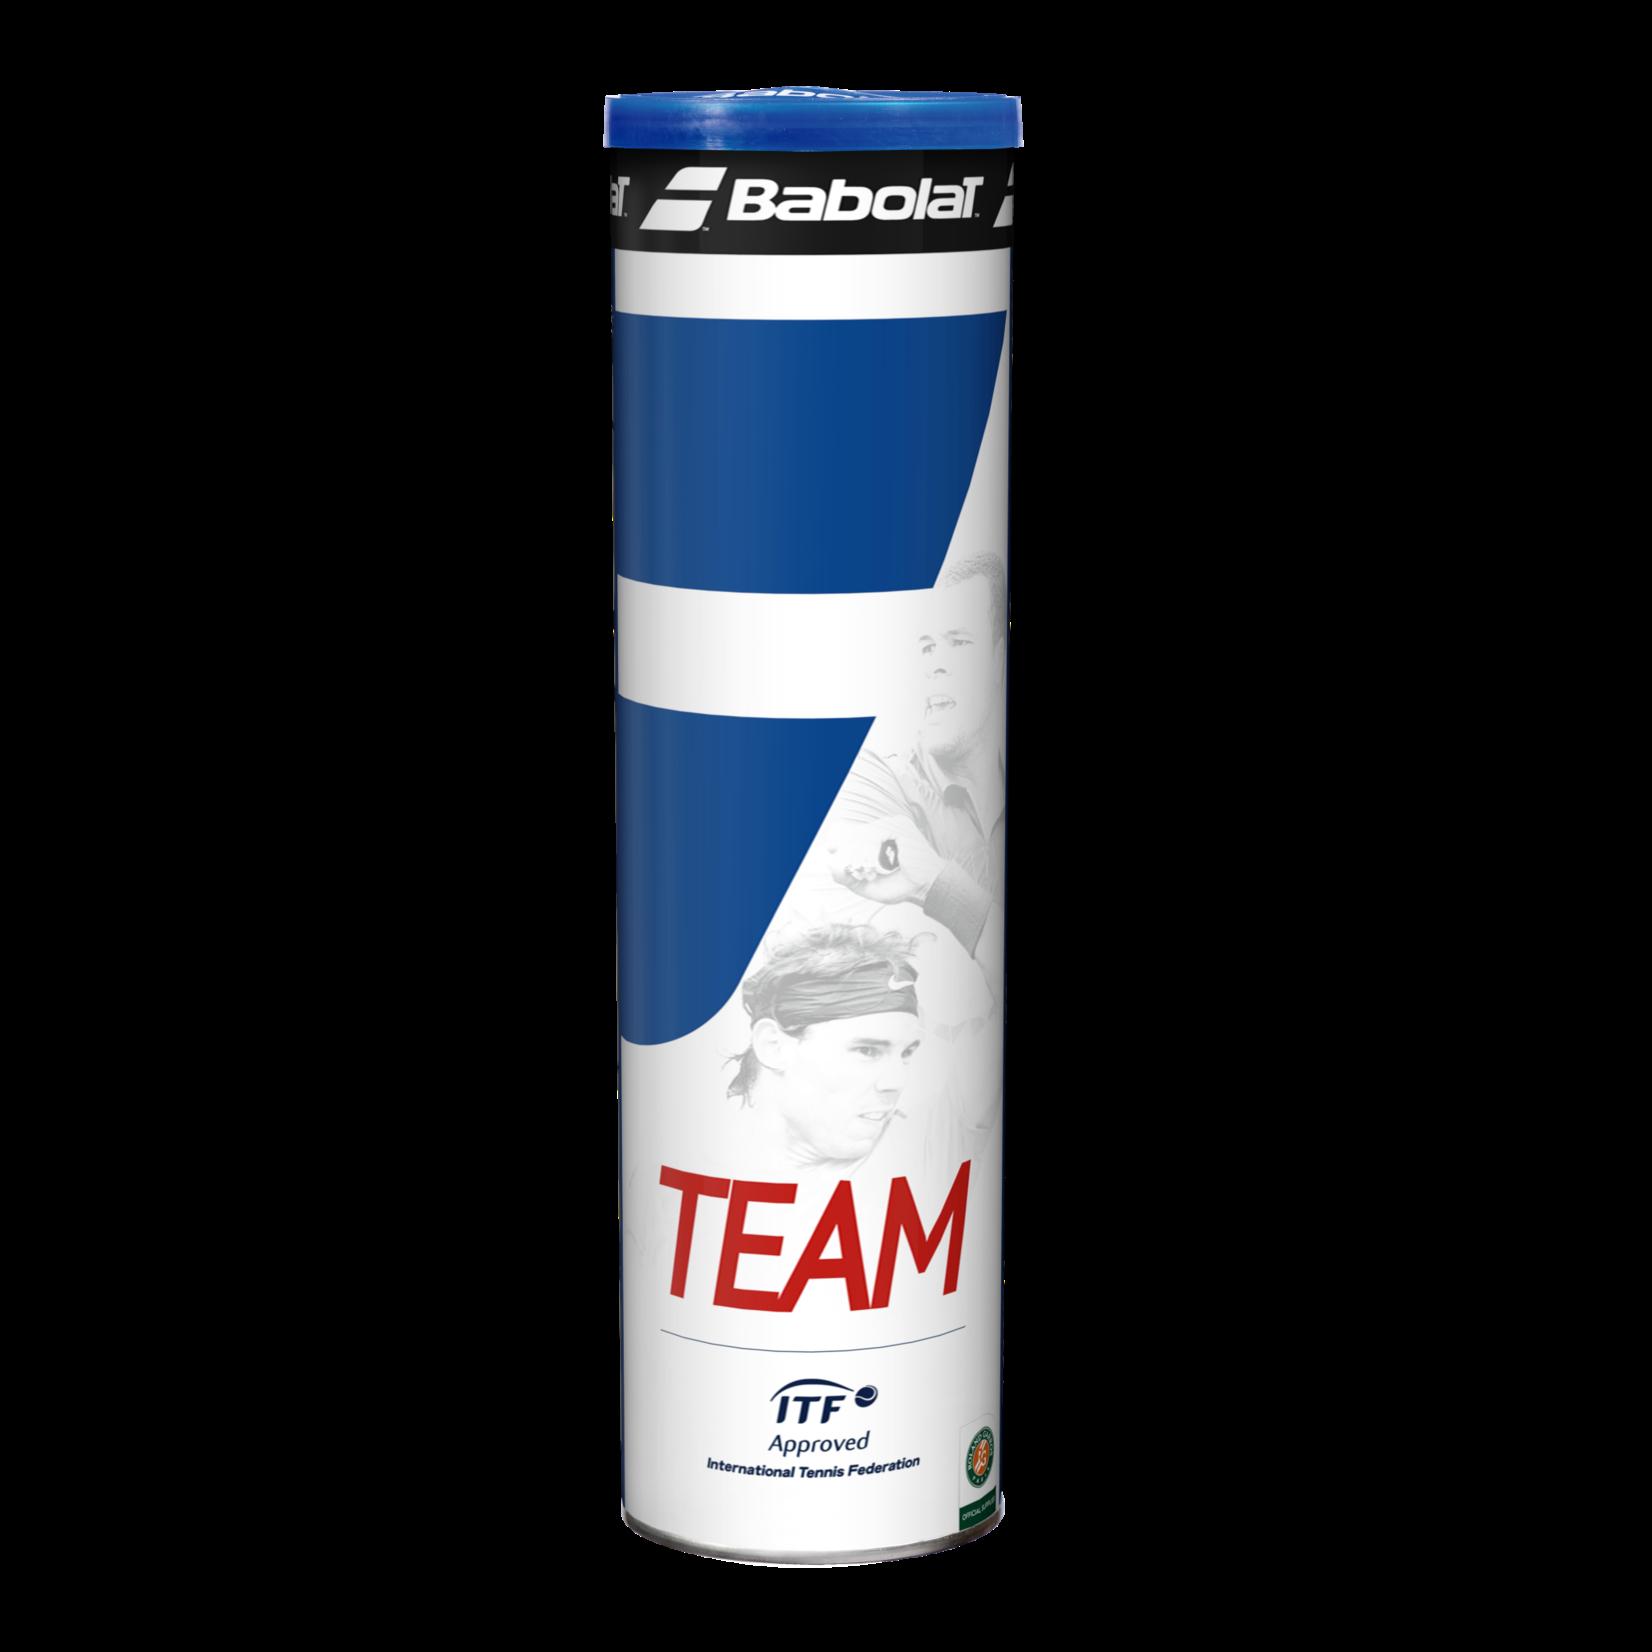 Babolat Team x4